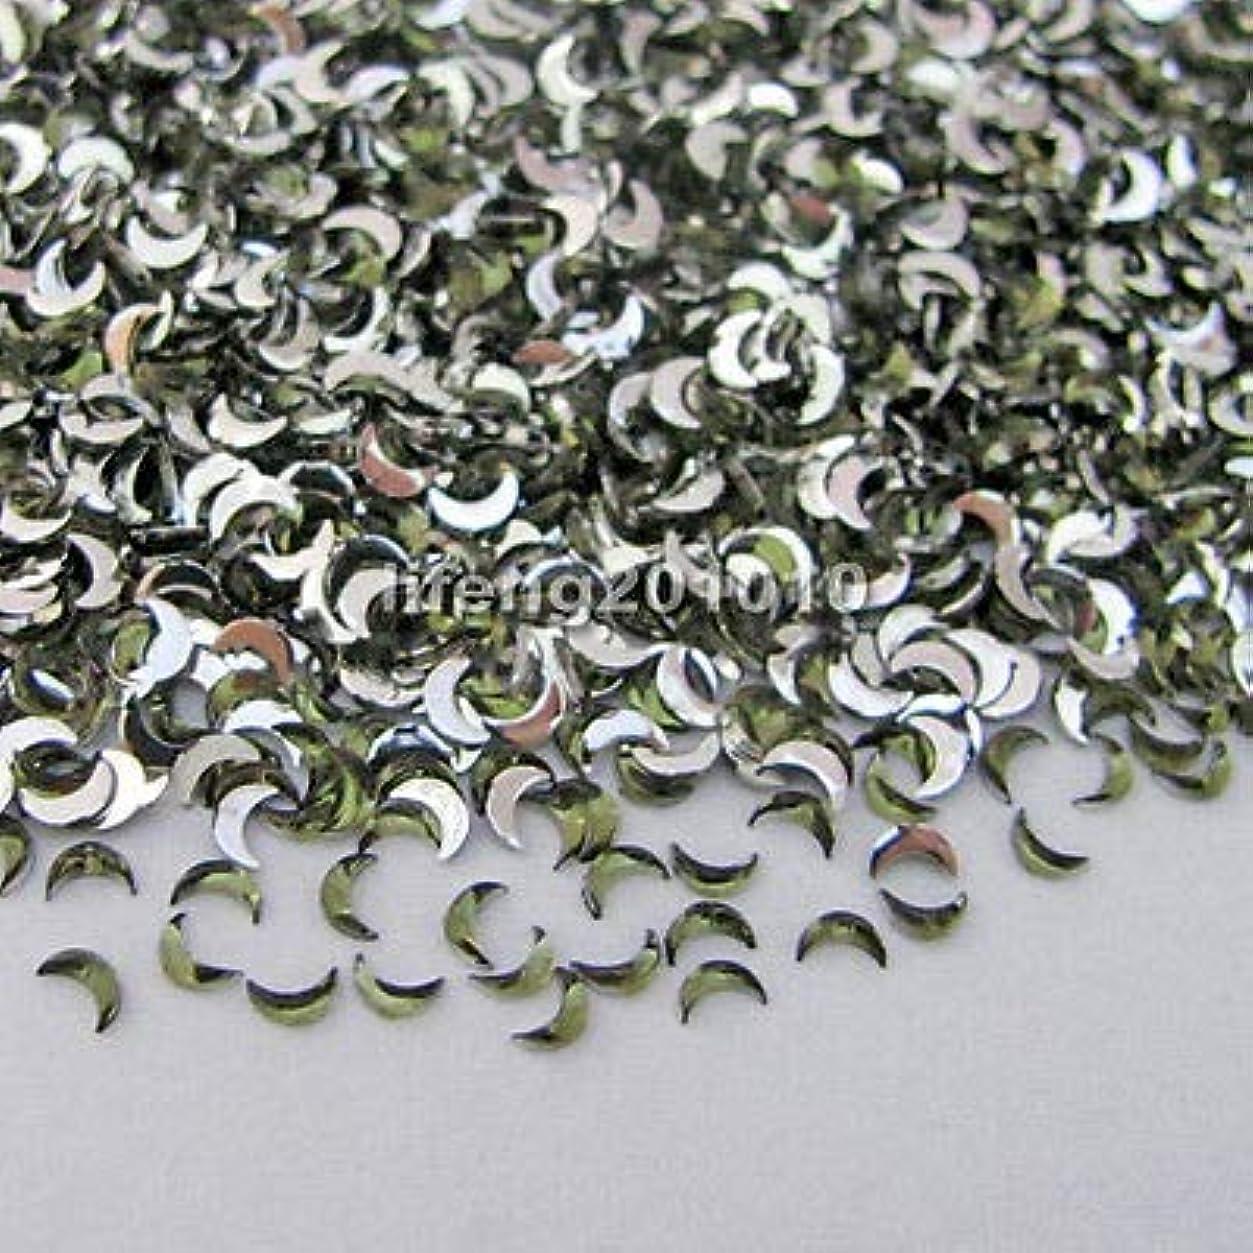 豆証拠窒素FidgetGear 10000個の3Dアクリルネイルアートの装飾はフラットバックラインストーン宝石をメニスカス